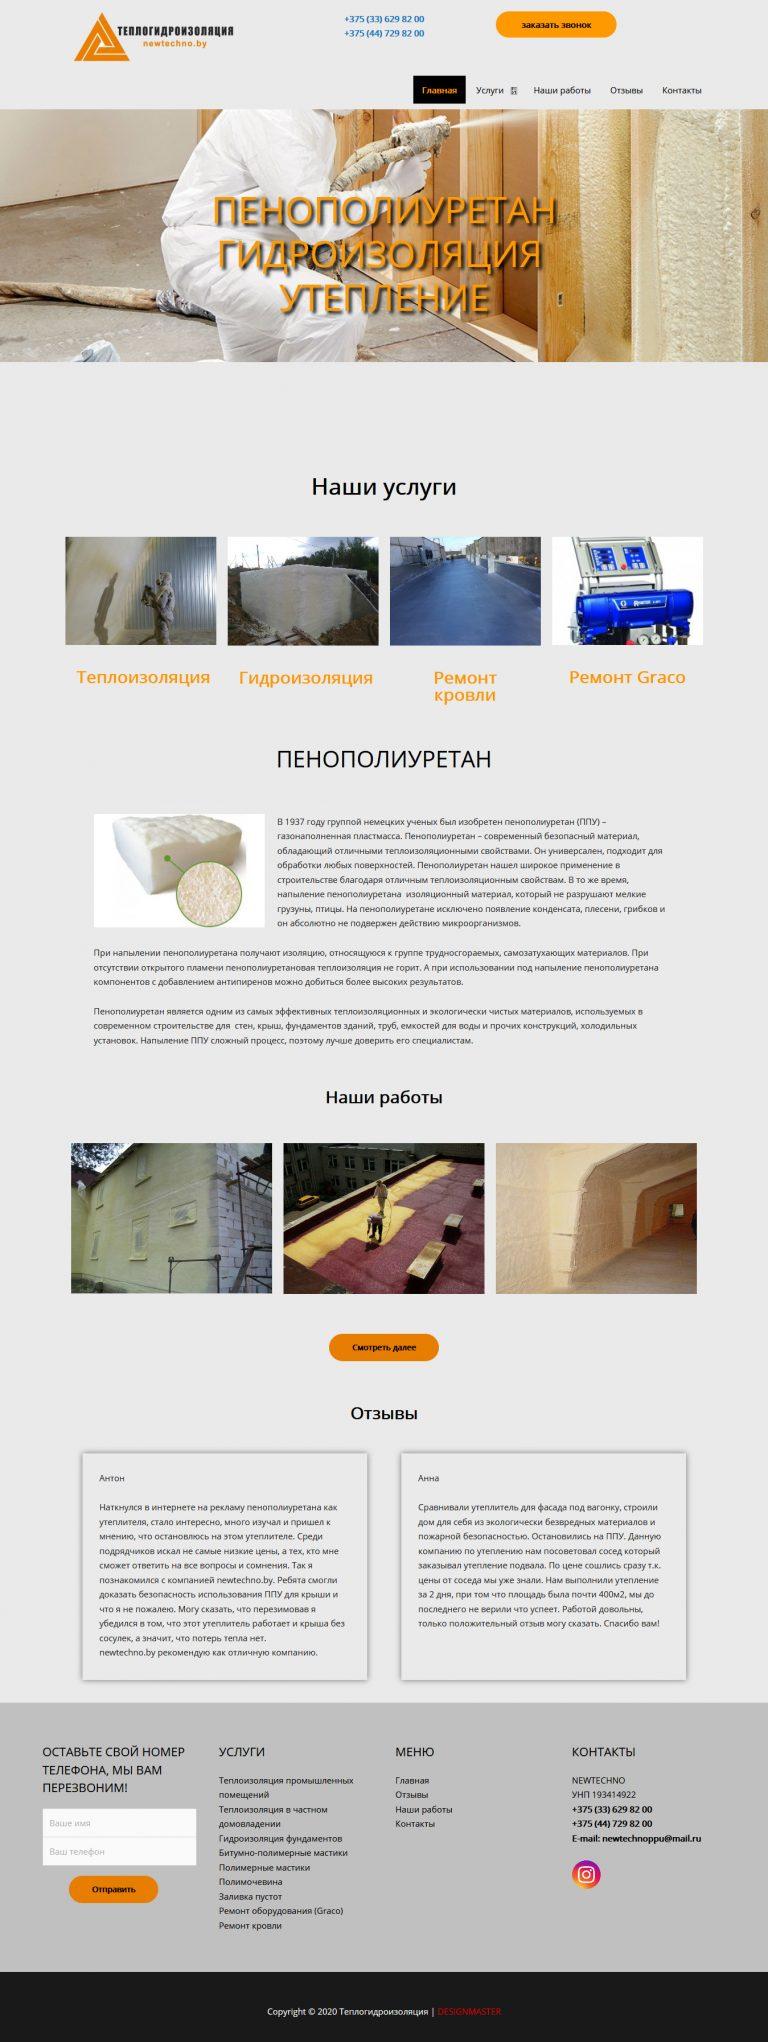 Screenshot_2020-05-22 Теплогидроизоляция — Напыляемая теплогидроизоляция